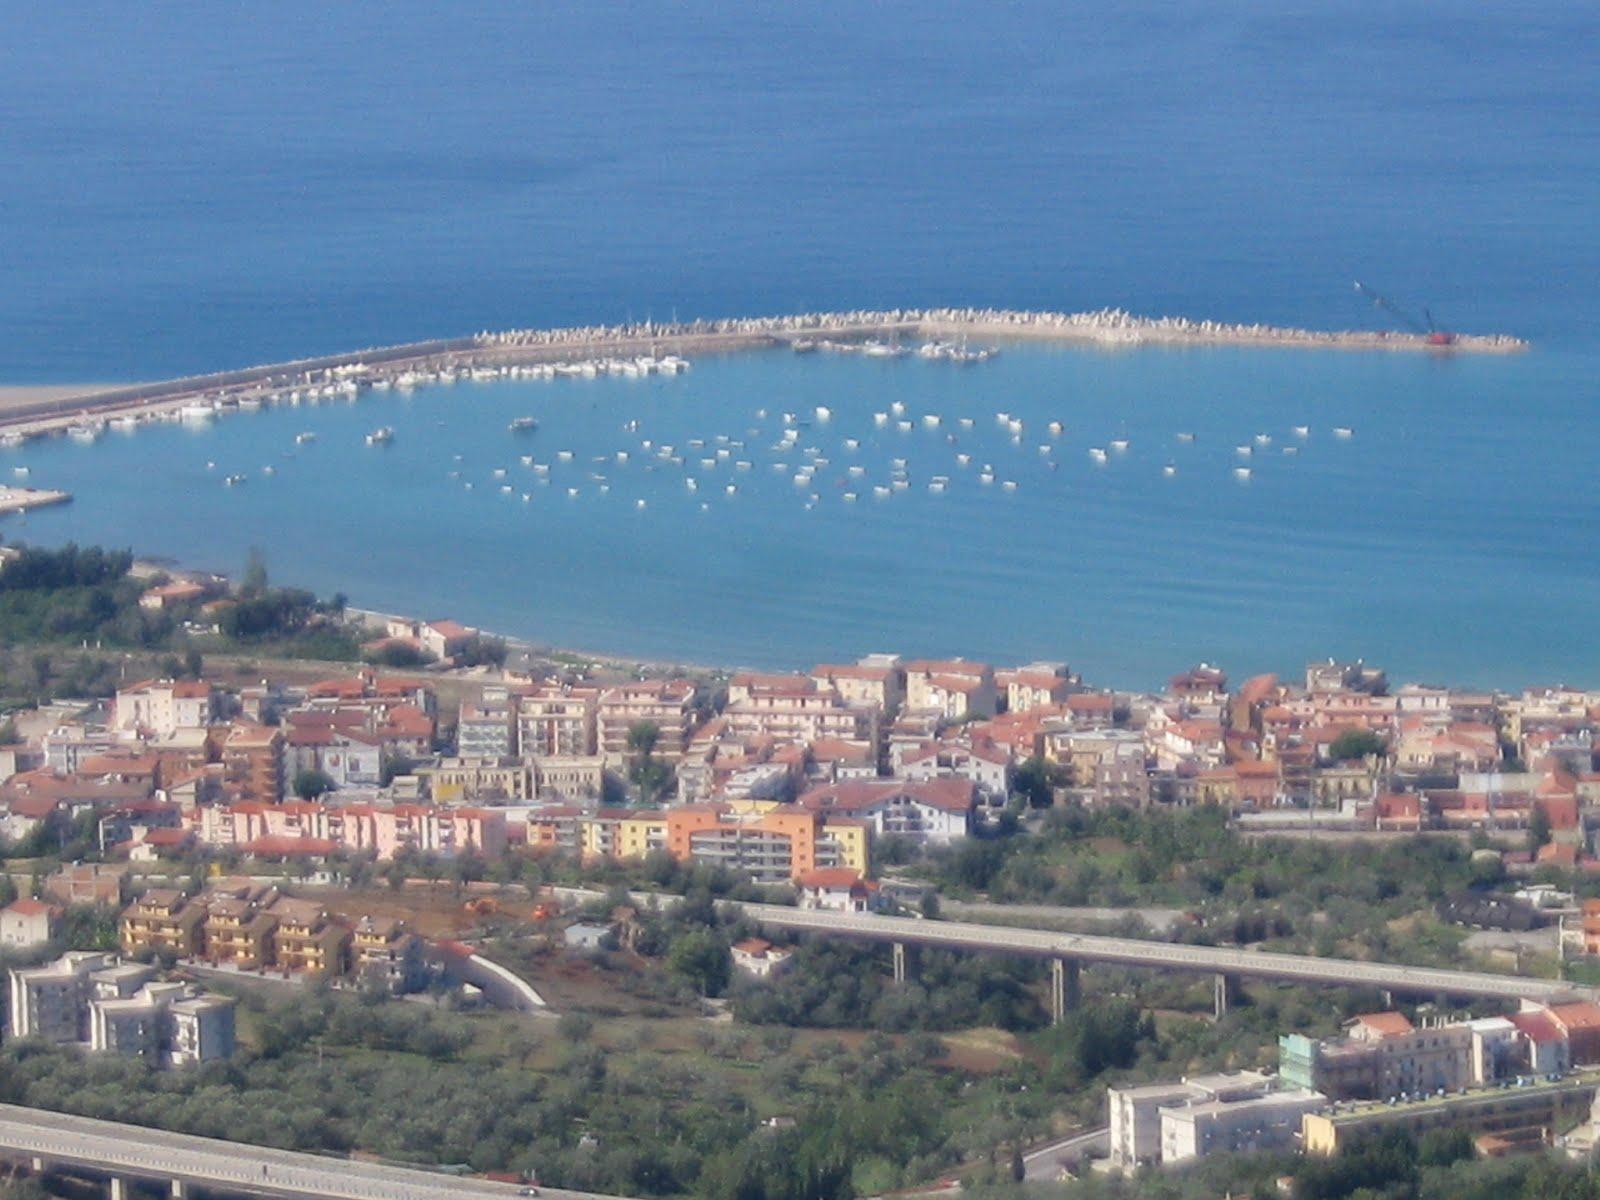 Noleggio Barche Sant'Agata di Militello - Navalia | Noleggia un Sogno